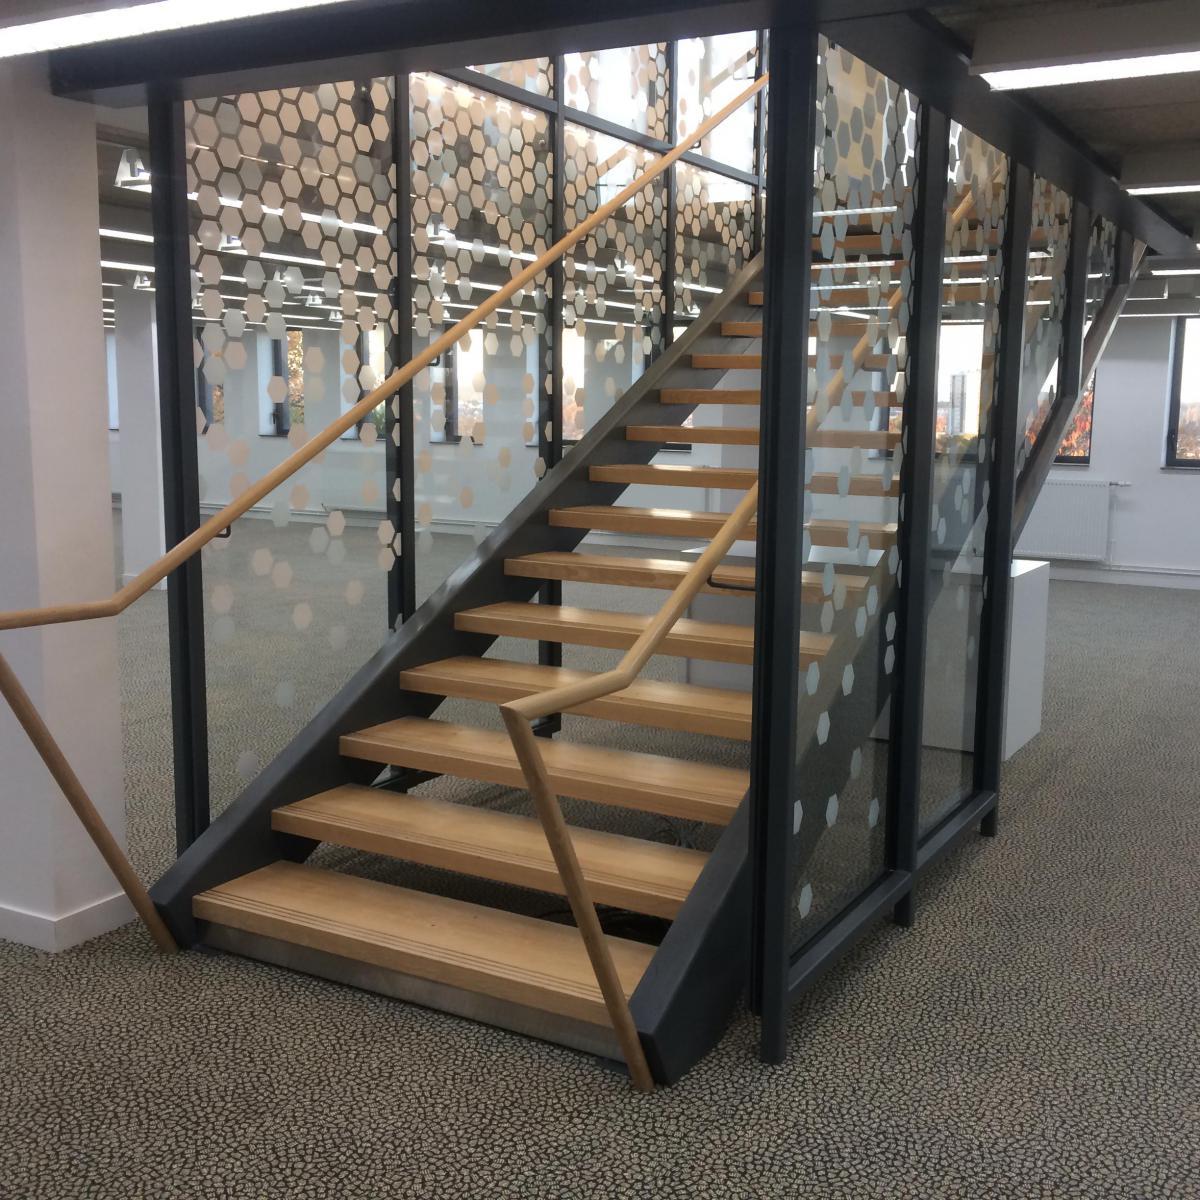 Escalier intérieur en acier peint et marche en bois. Des panneaux en verre trempé assurent la fonction de garde-corps<br>